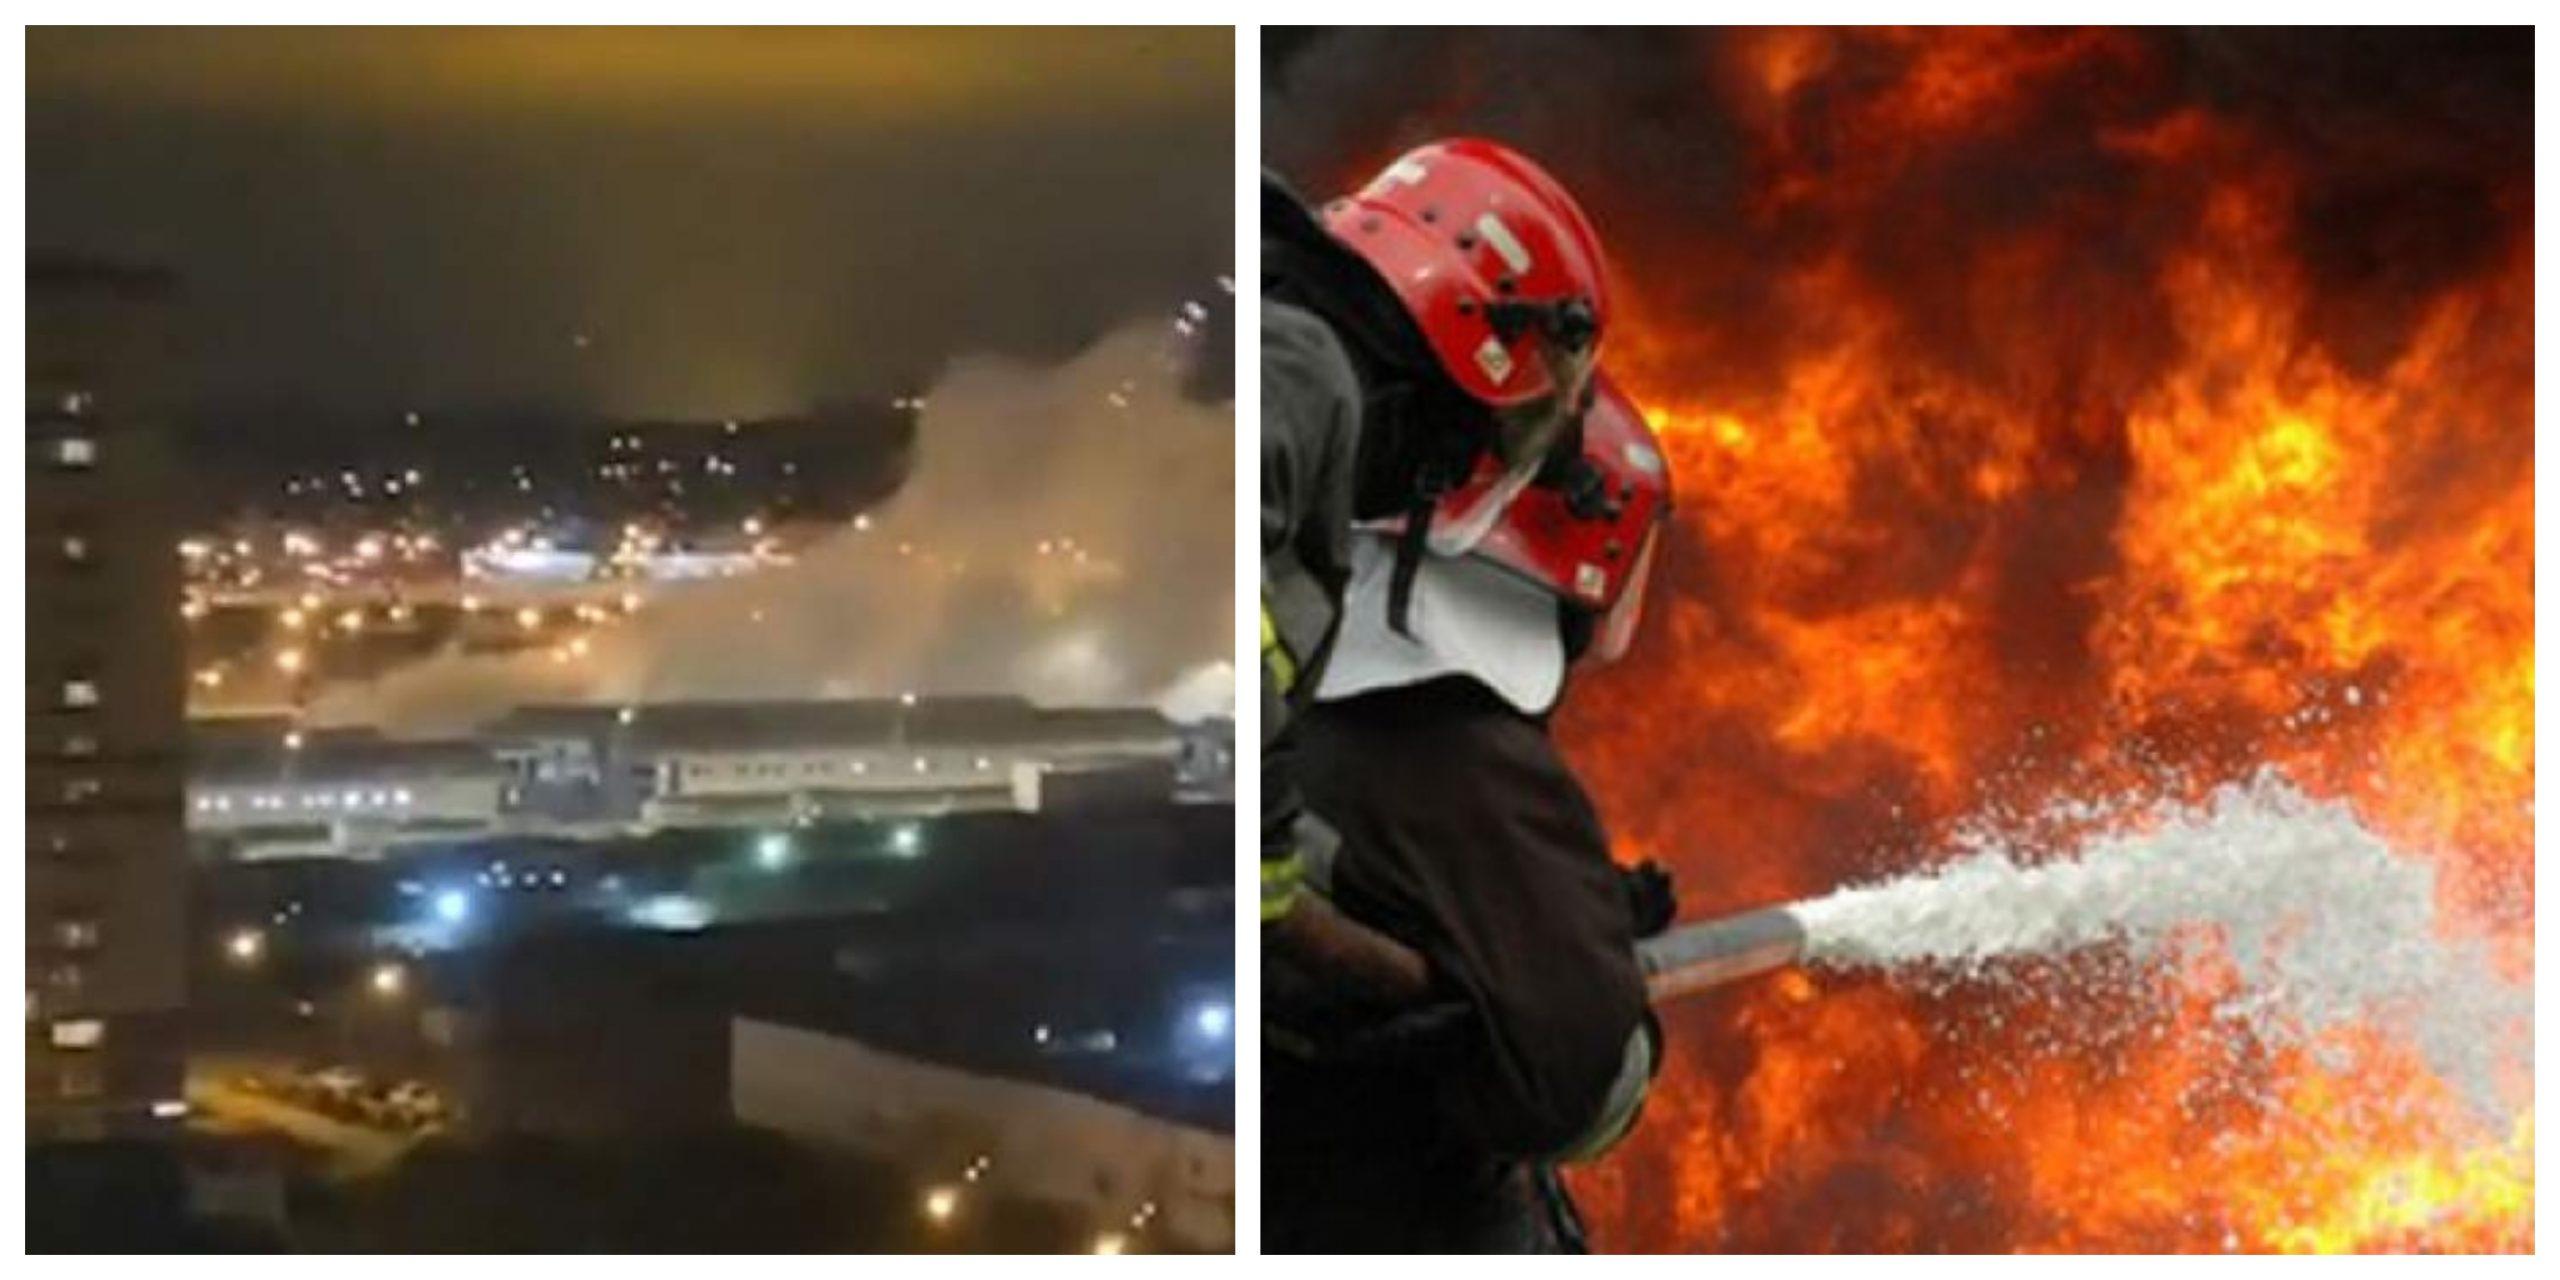 Câte victime a provocat incendiul de la spitalul din Rusia. Sute de pacienți se aflau acolo